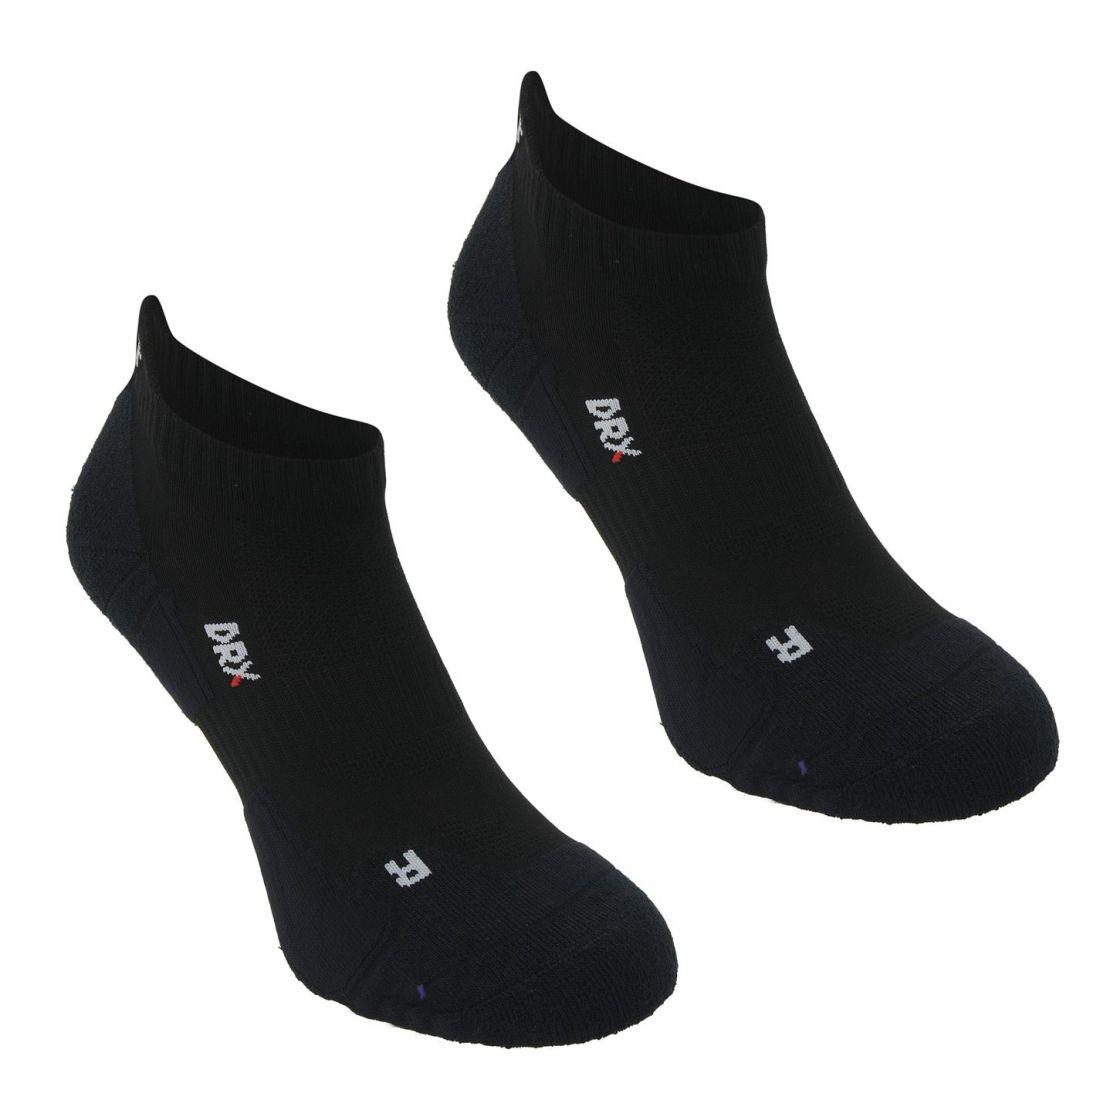 Finden Sie den niedrigsten Preis heiß-verkauf echt Wert für Geld Details about Karrimor 2 Pack Running Socks Trainer Mens